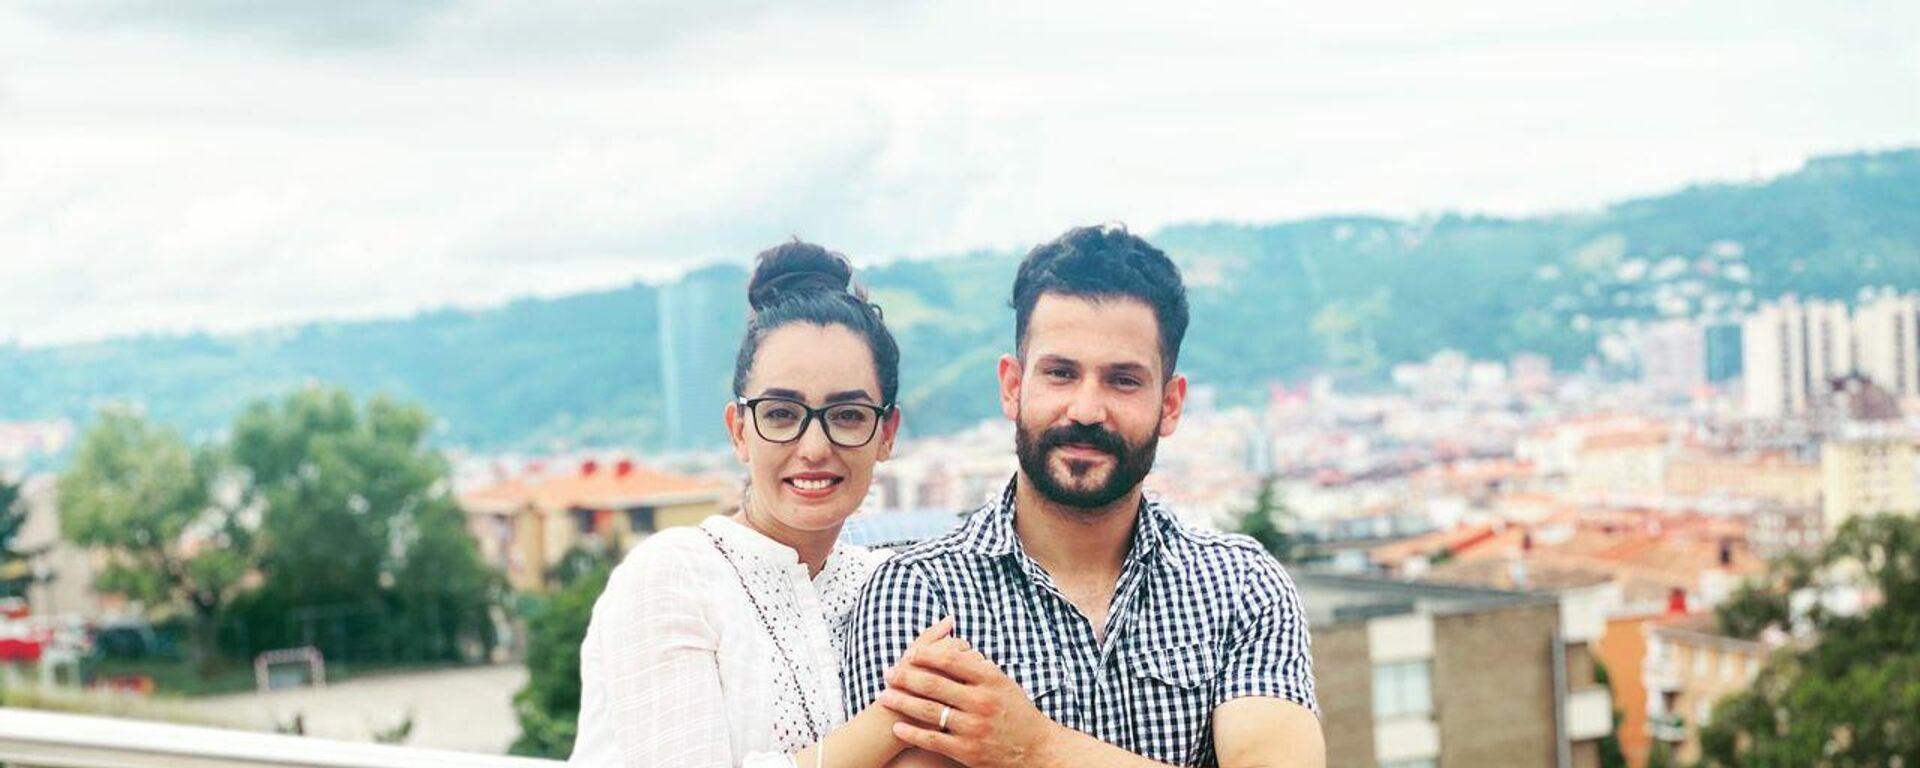 Nilofar Bayat, la capitana del equipo paralímpico de baloncesto de Afaganistán, junto a su mariido Ramish en Bilbao - Sputnik Mundo, 1920, 23.08.2021